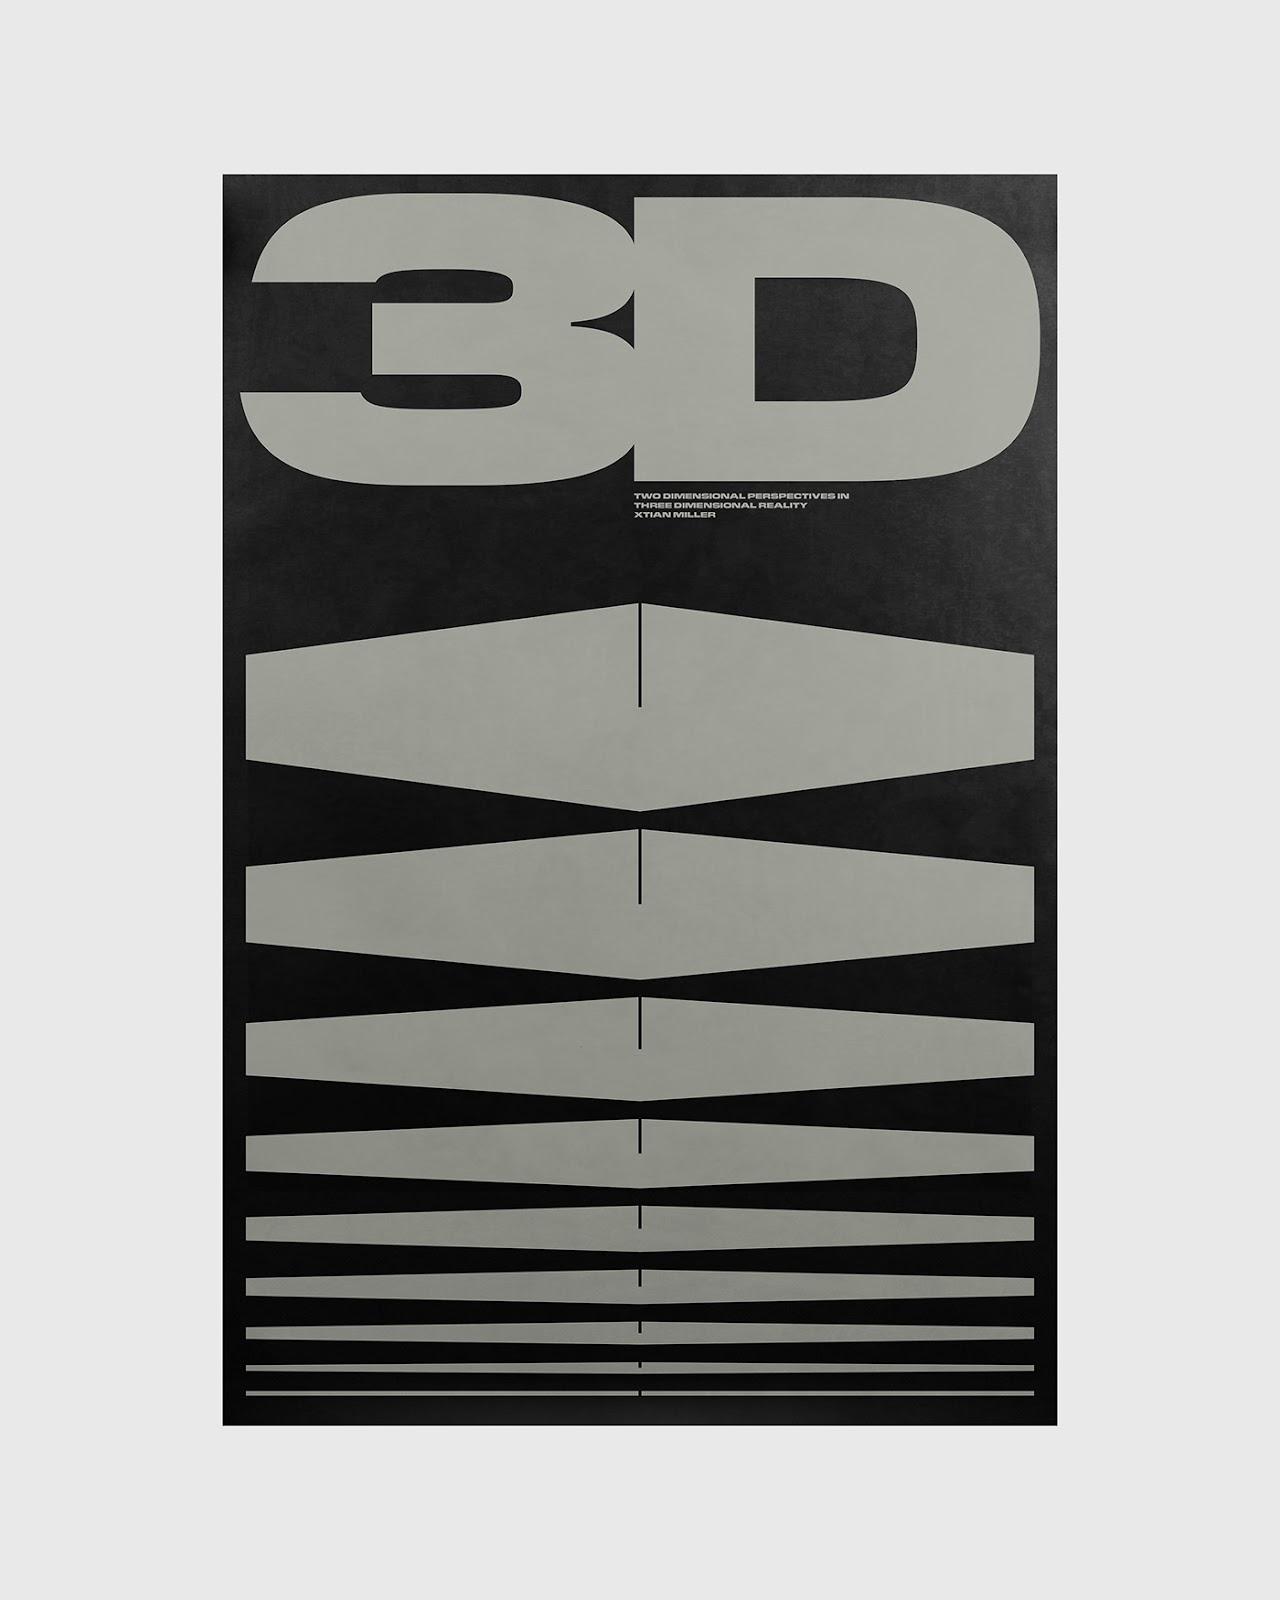 3D poster by Xtian Miller